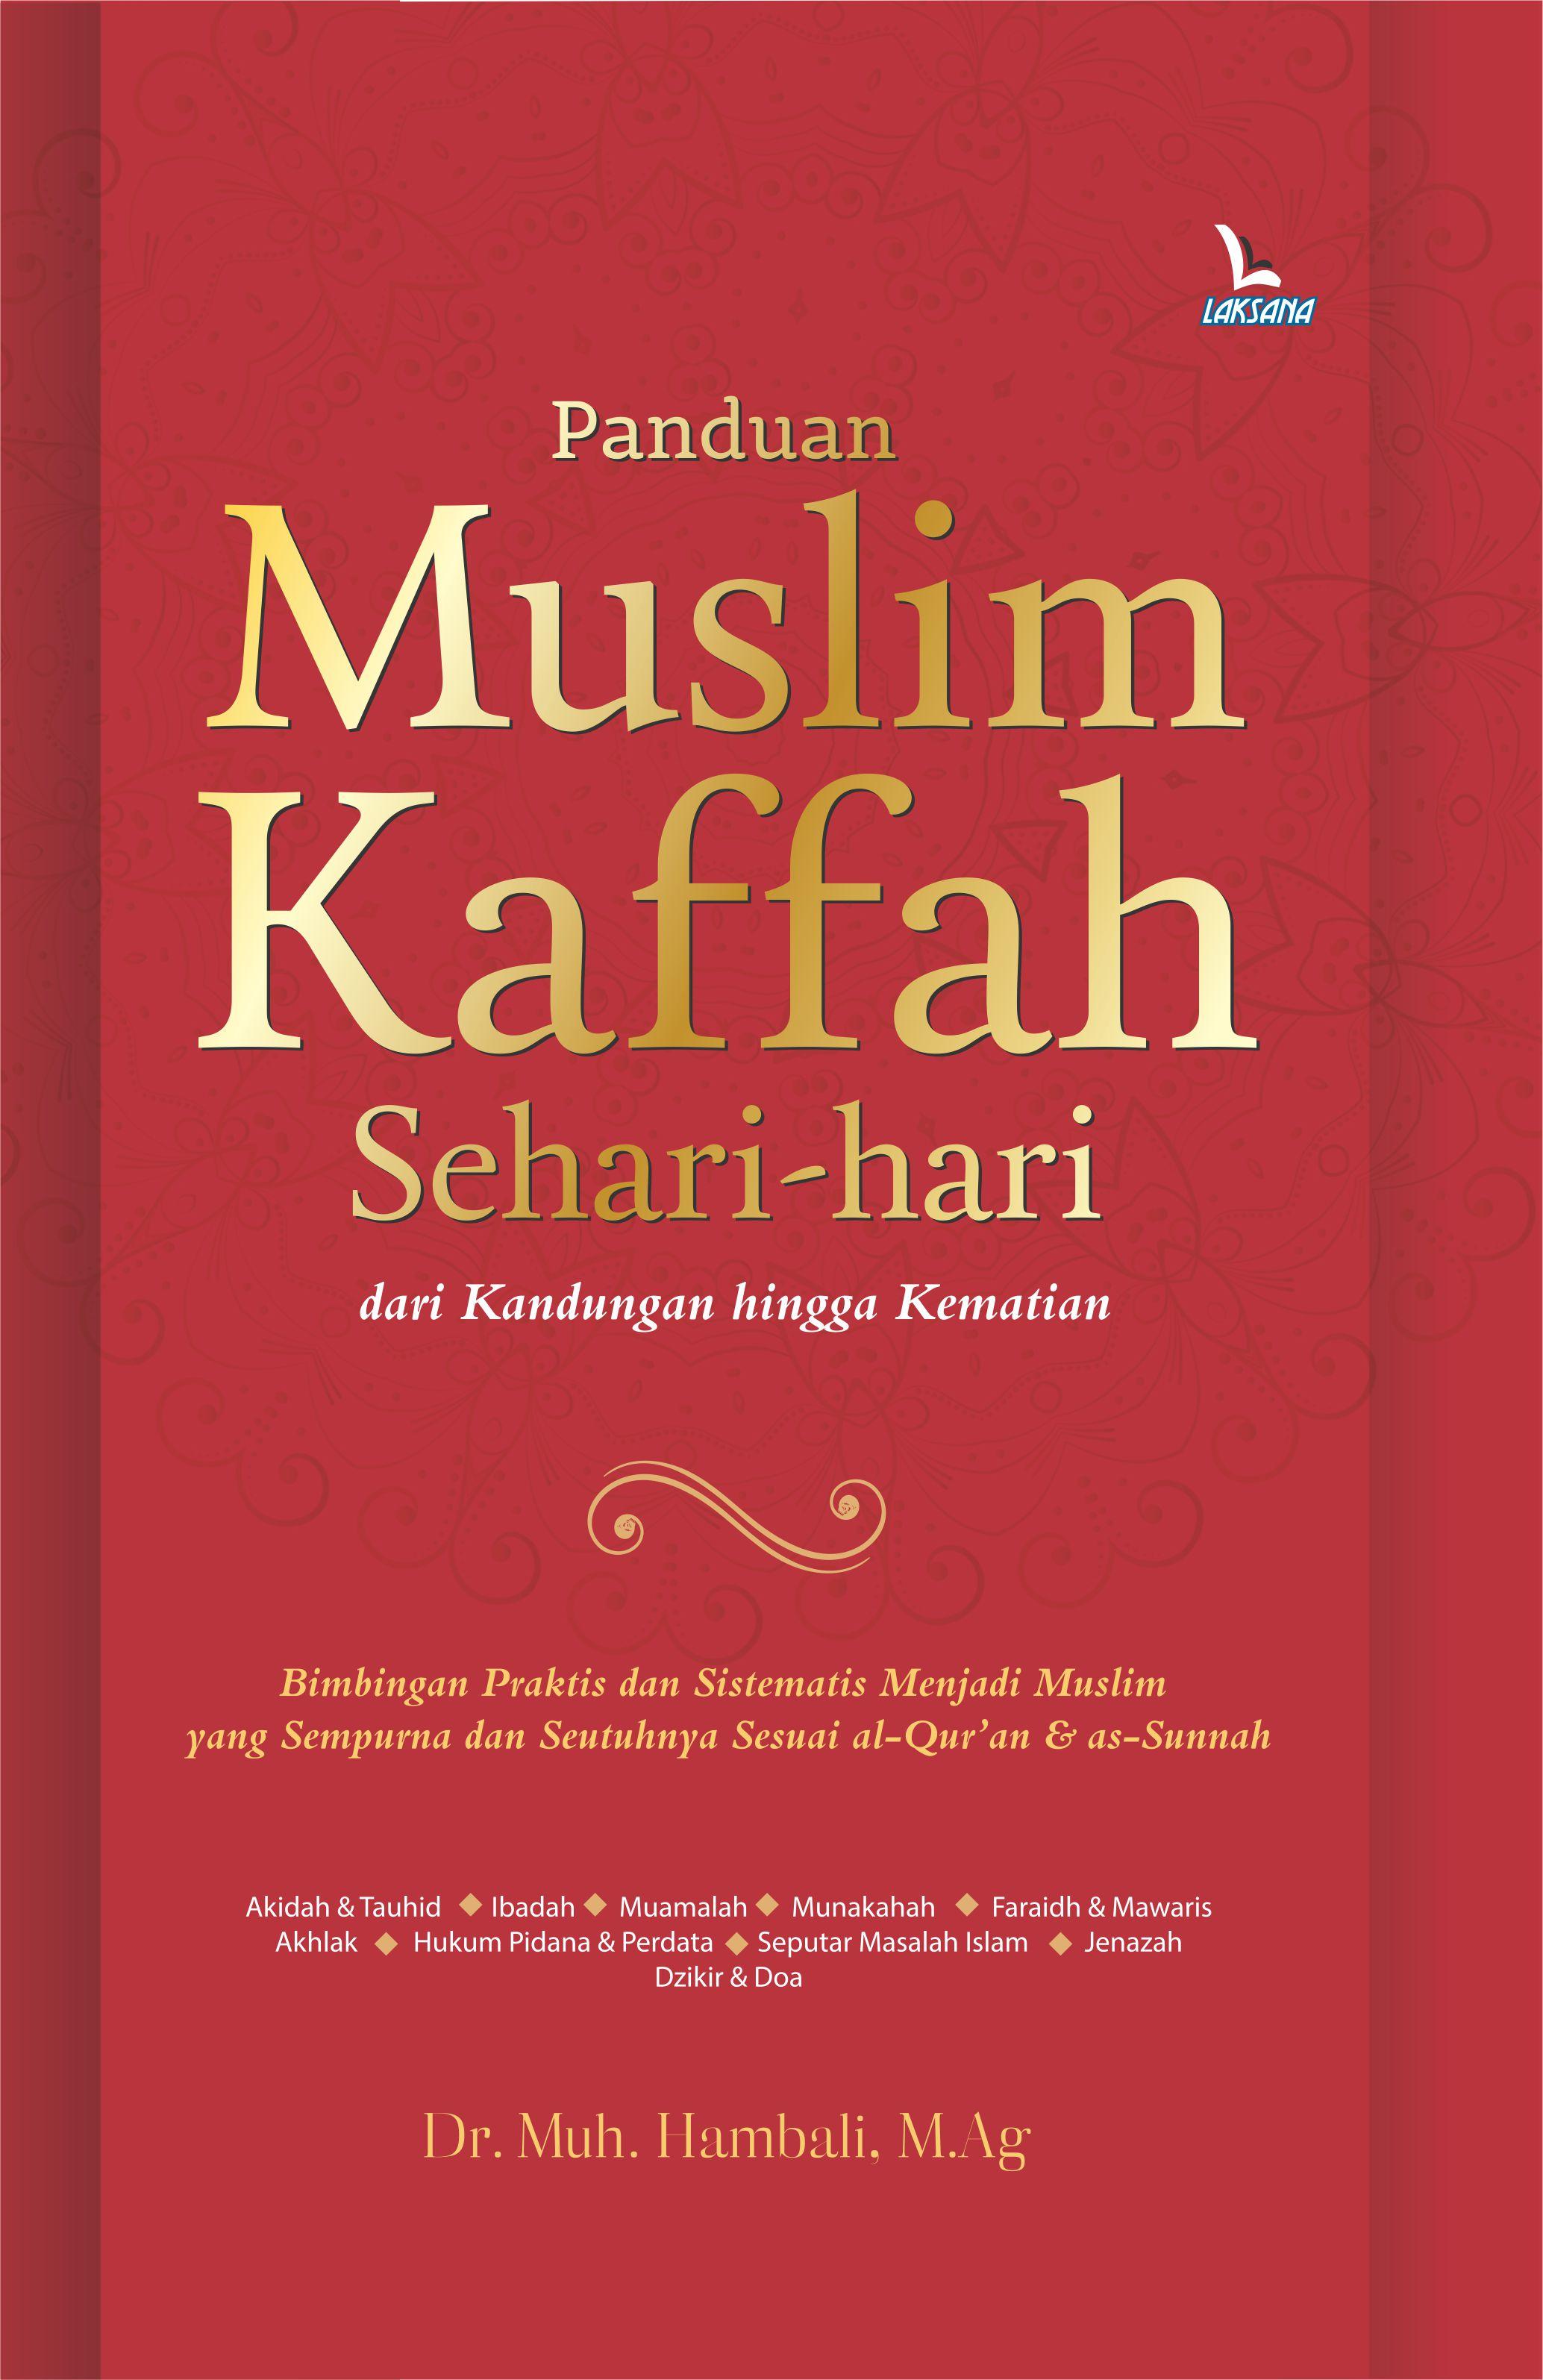 Panduan muslim kaffah sehari-hari dari kandungan hingga  kematian [sumber elektronis]